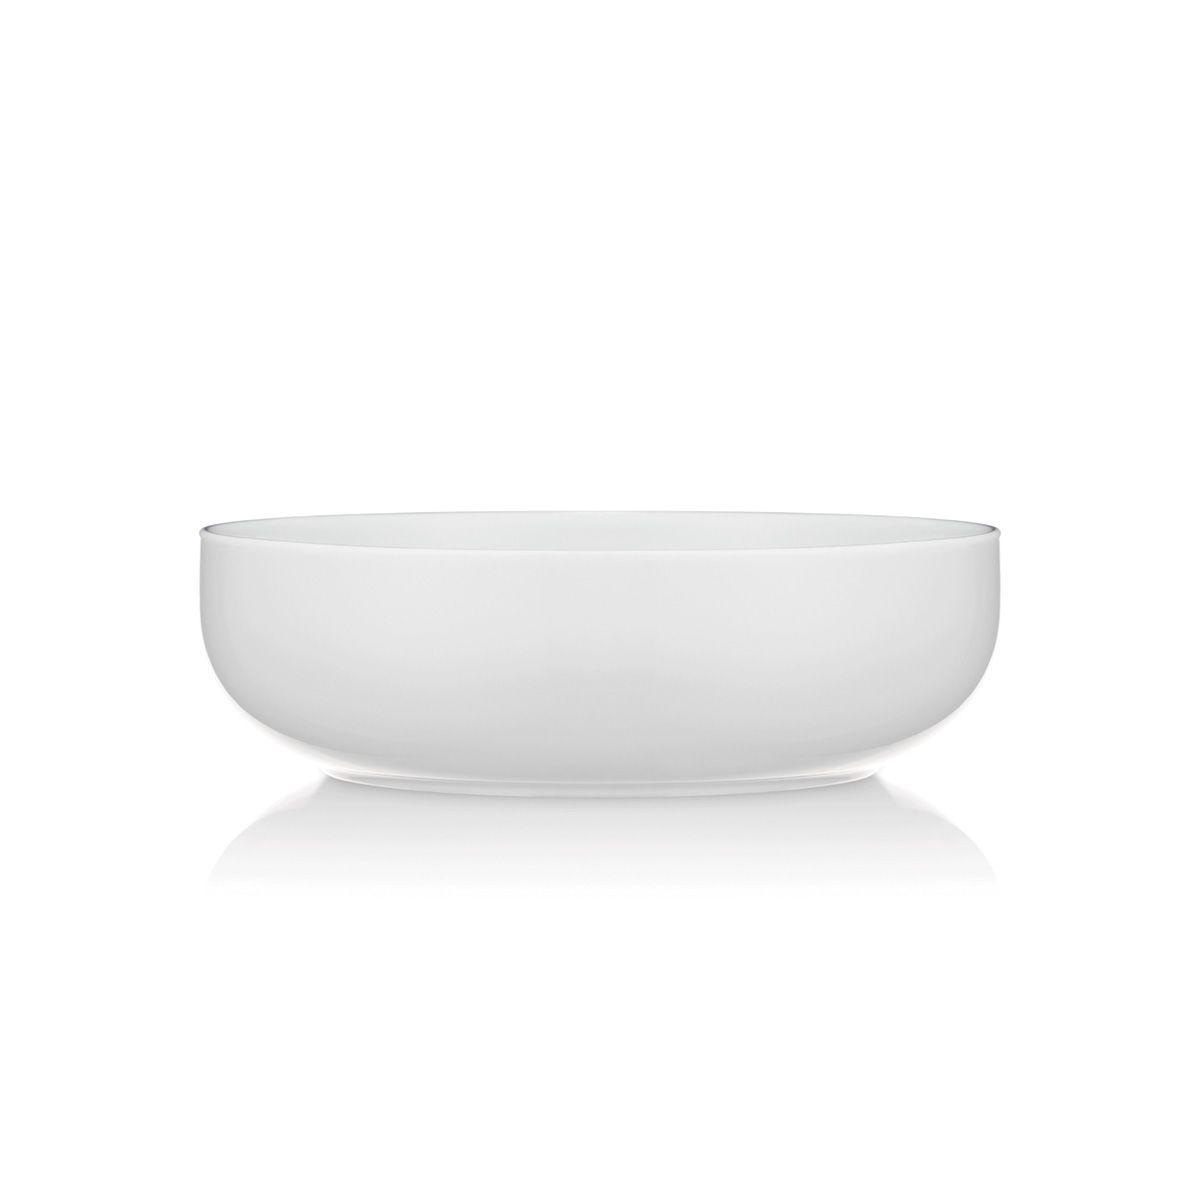 Serving Plate BLAA Bodum